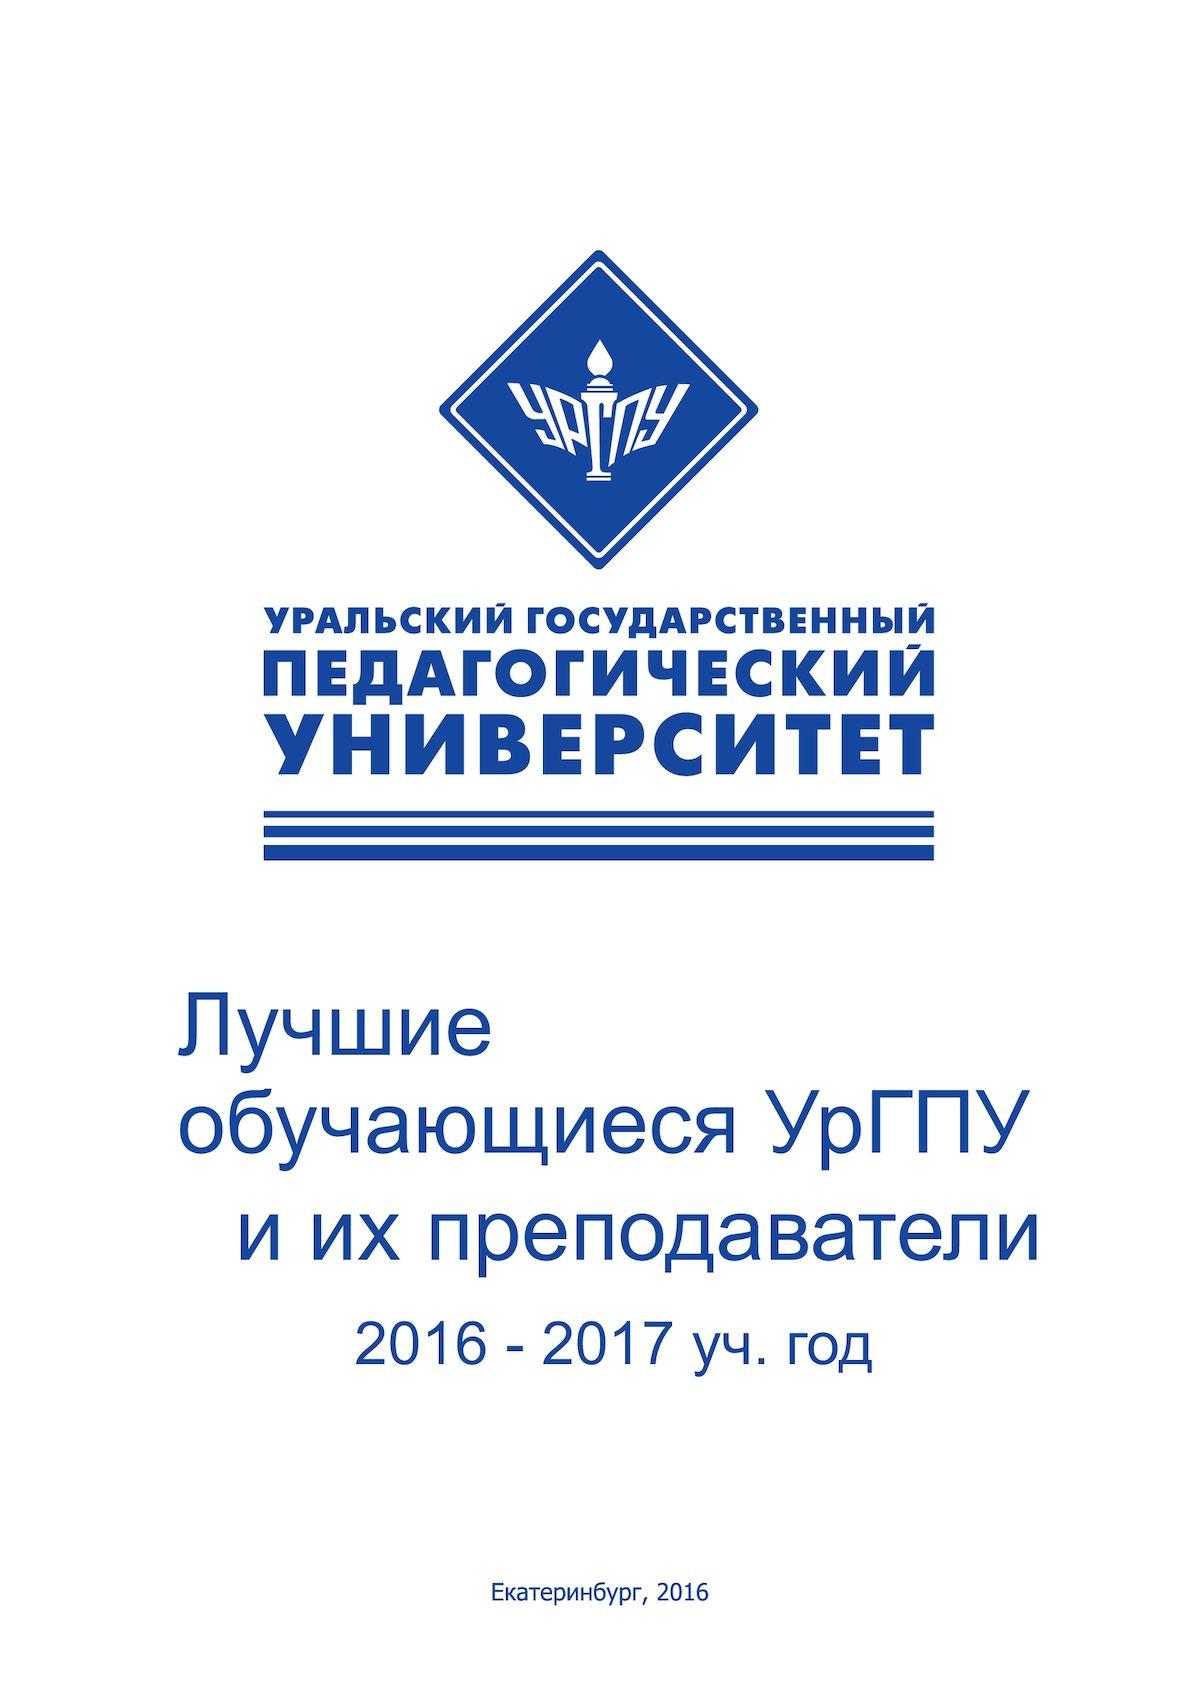 Лучшие обучающиеся и их преподаватели, УрГПУ 2016 17